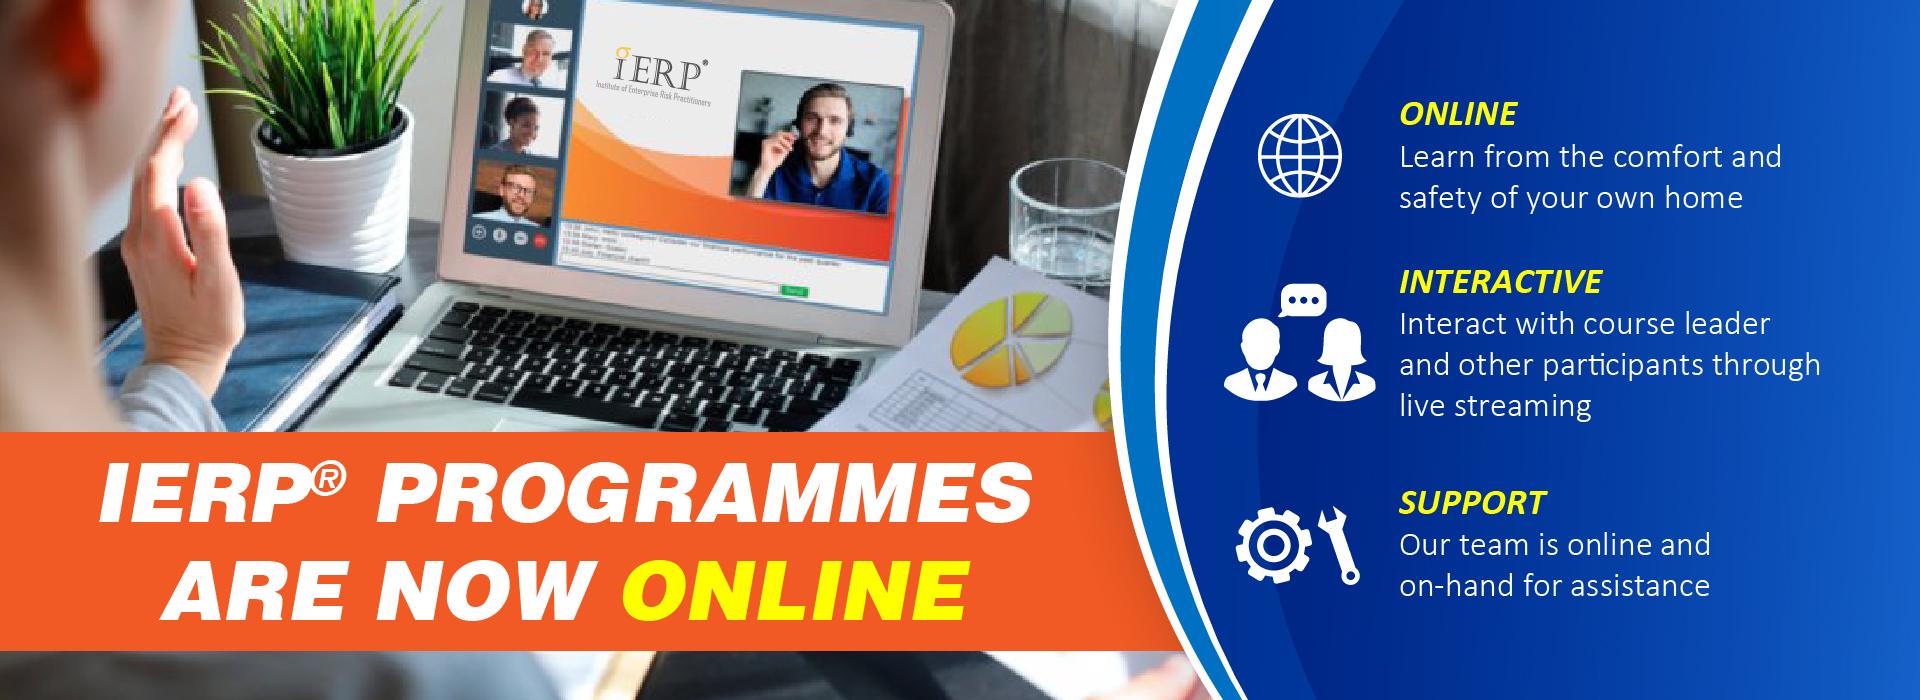 IERP Online